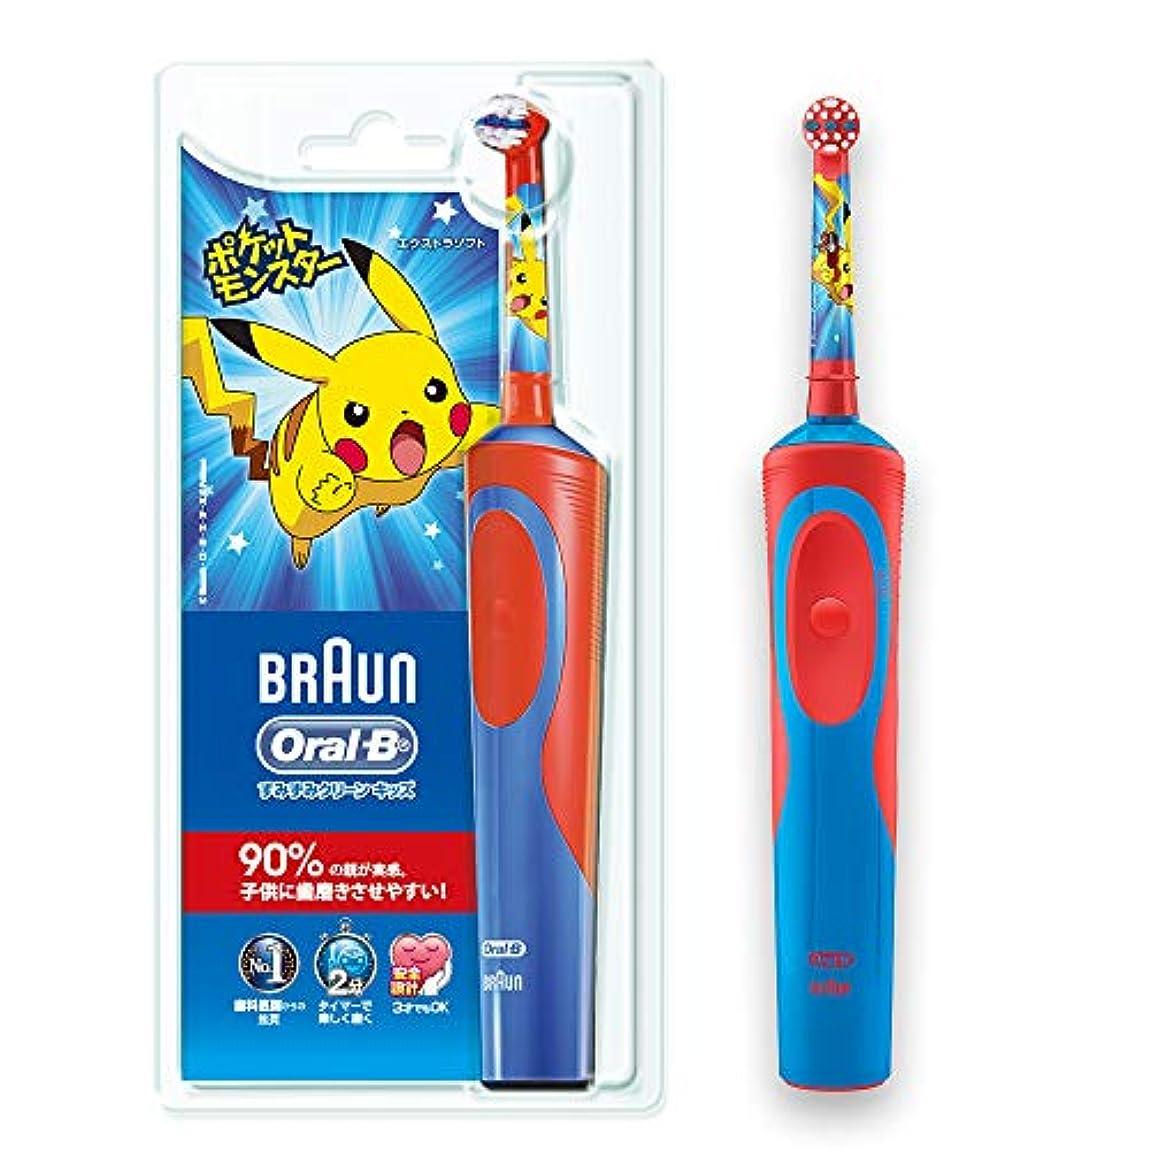 膨らませる共感する怠なブラウン オーラルB 電動歯ブラシ 子供用 D12513KPKMB すみずみクリーンキッズ 本体 レッド ポケモン 歯ブラシ